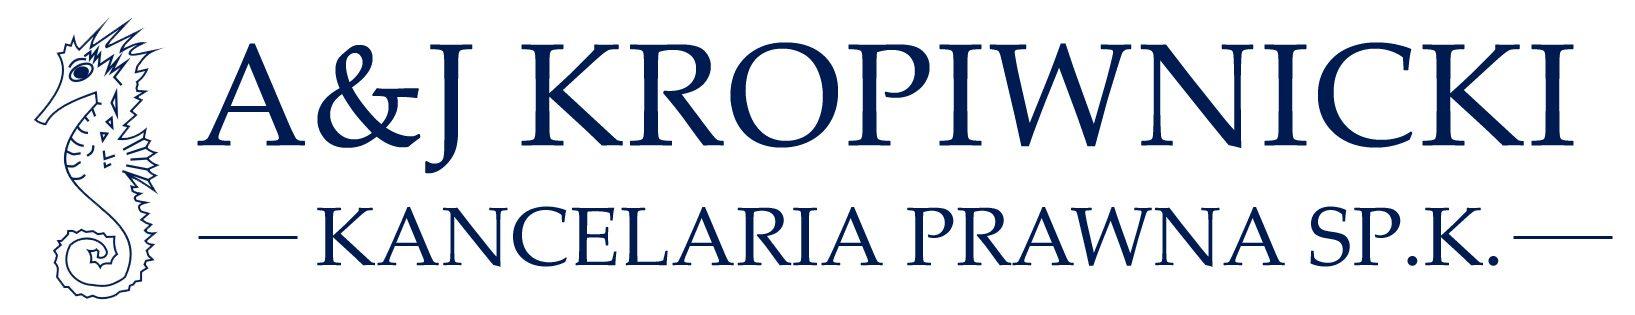 A&J Kropiwnicki Kancelaria Prawna Sp.k. – Obsługa Prawna Kraków